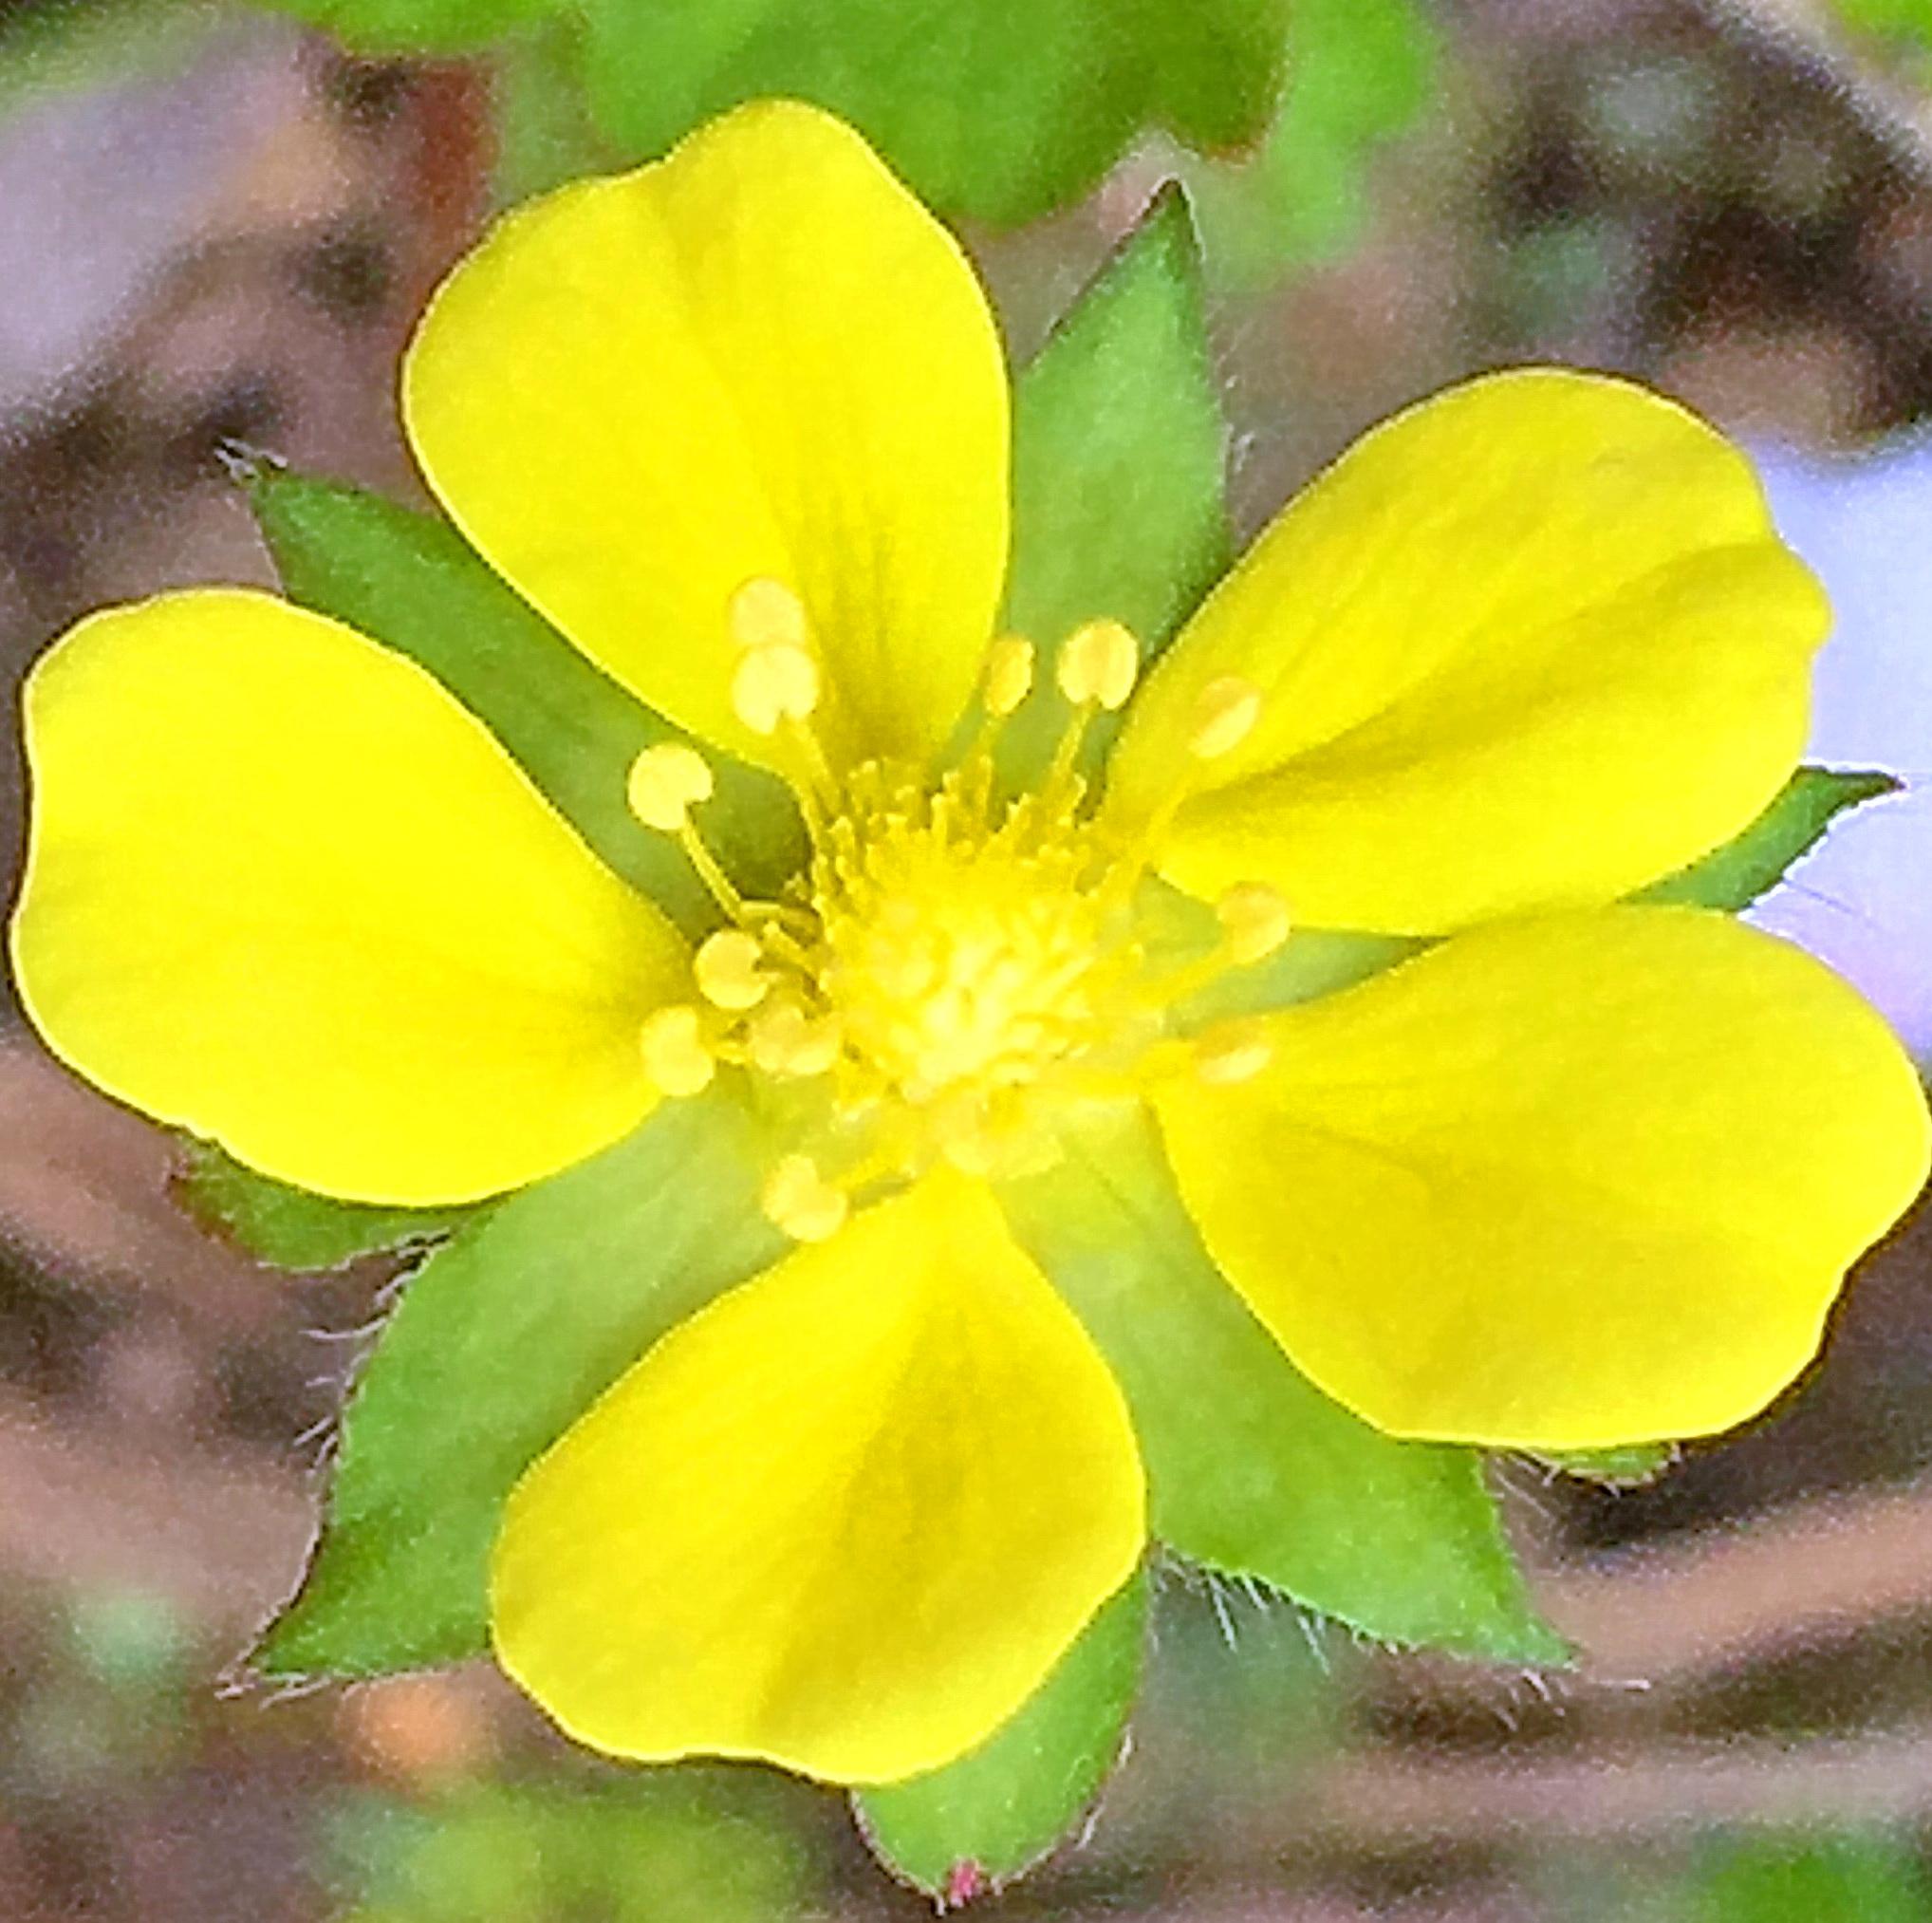 ヘビイチゴの花